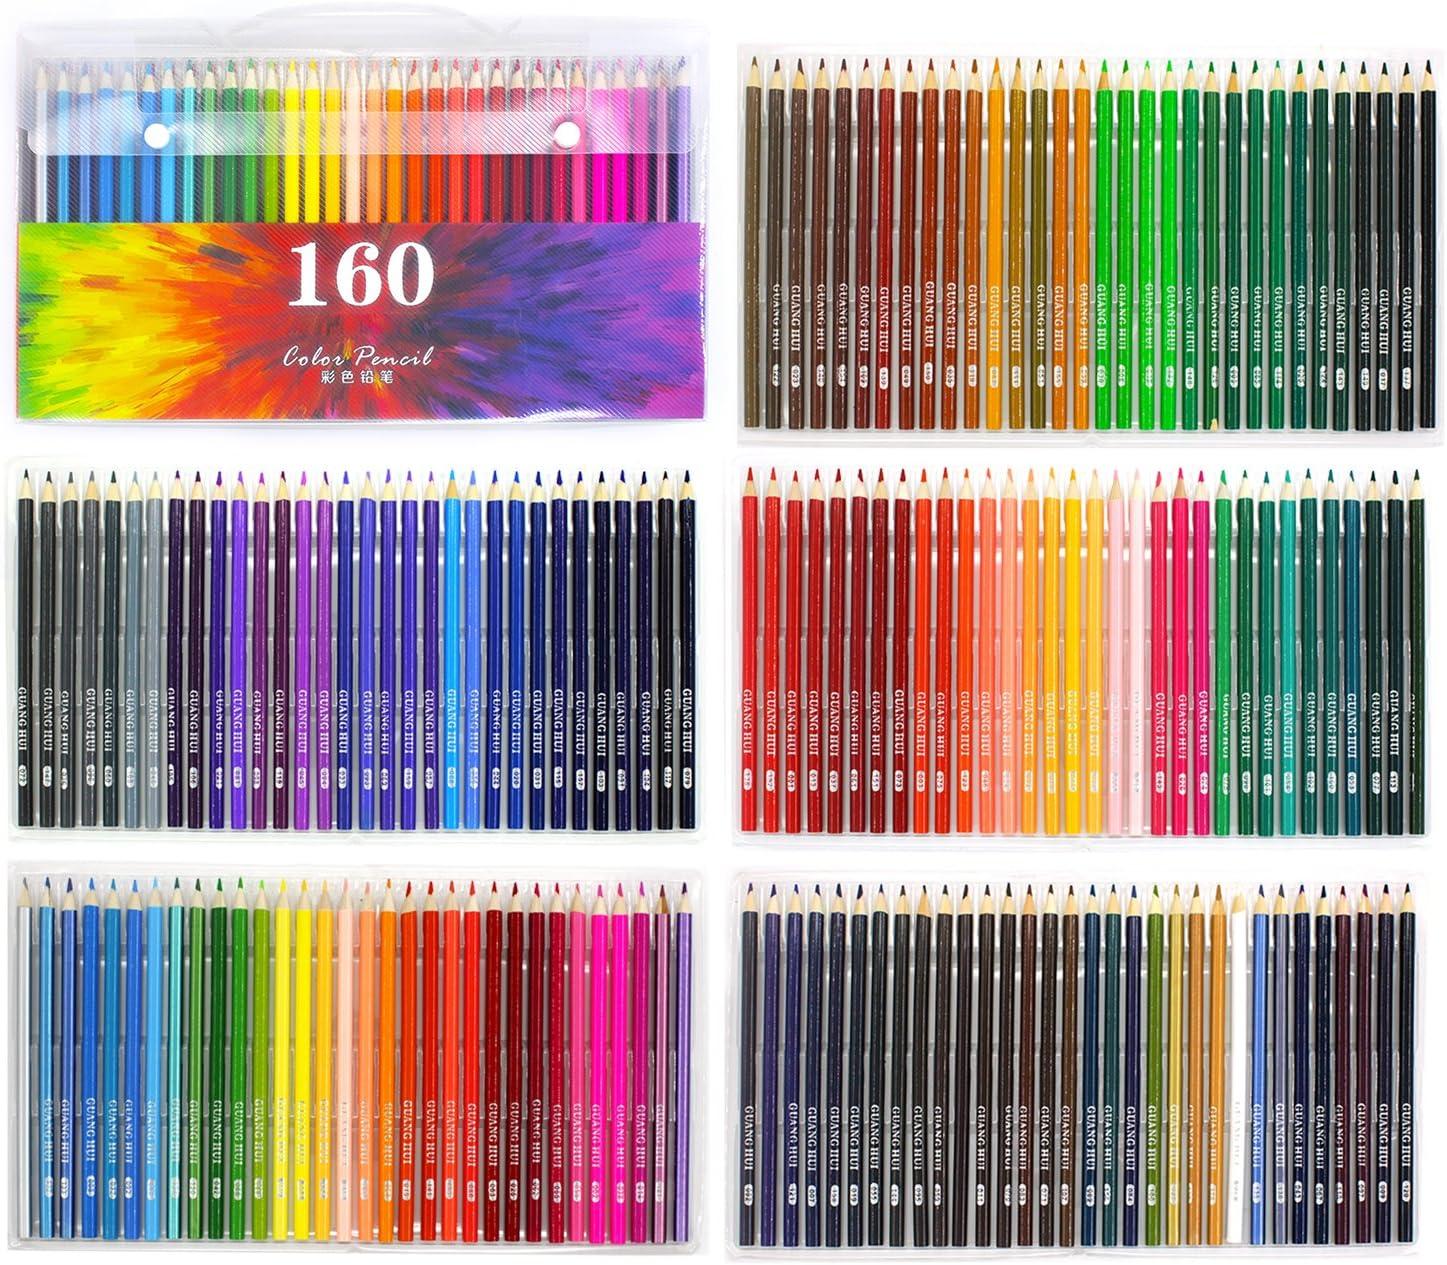 160アート色鉛筆、ソフトコアカラー鉛筆セットfor Adult Coloring Books ARTIST図面スケッチCrafting